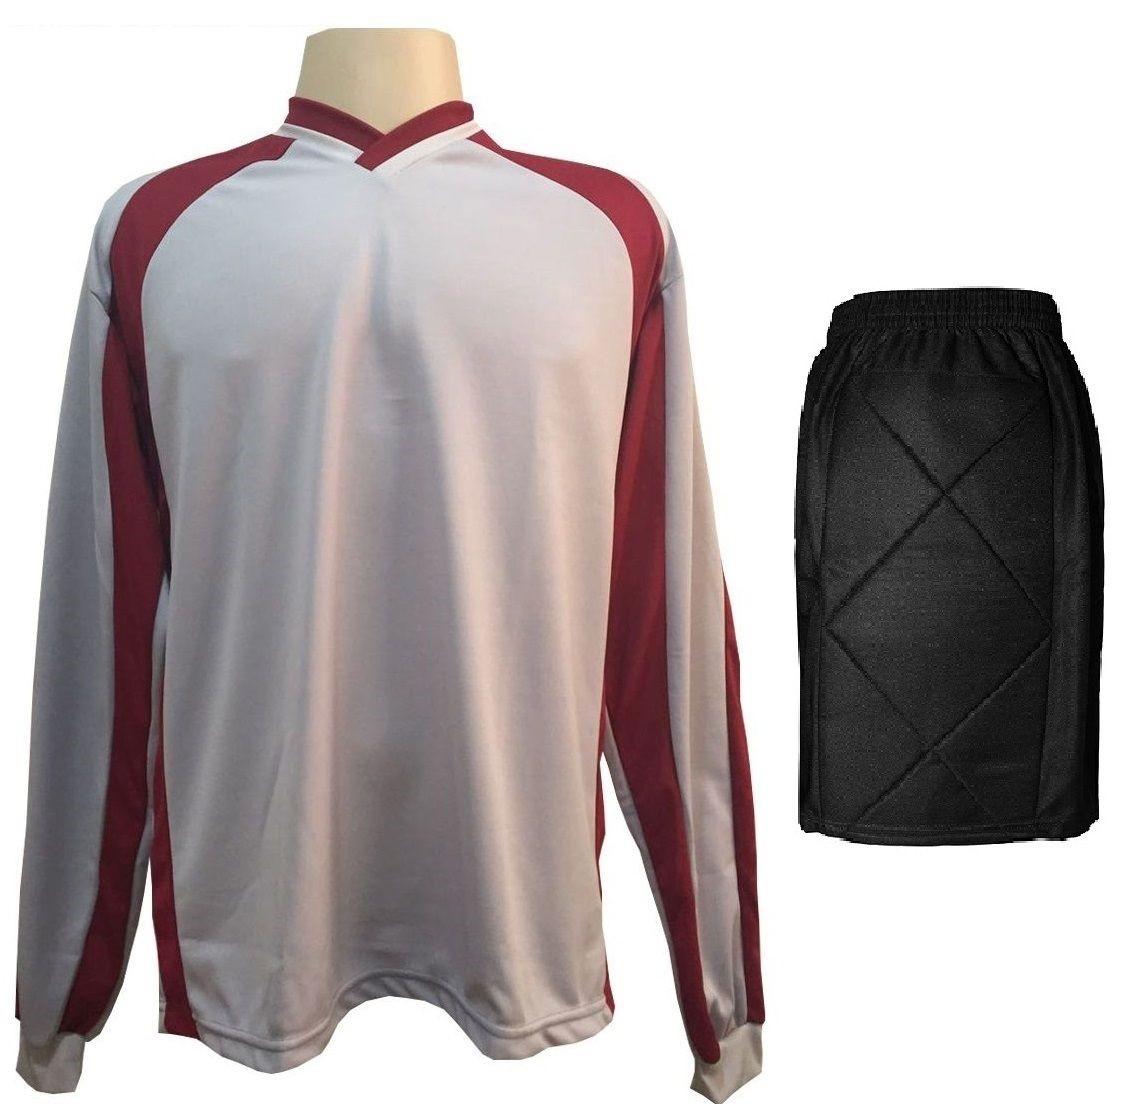 Uniforme Esportivo com 20 camisas modelo Bélgica Royal/Branco + 20 calções modelo Copa + 1 Goleiro + Brindes